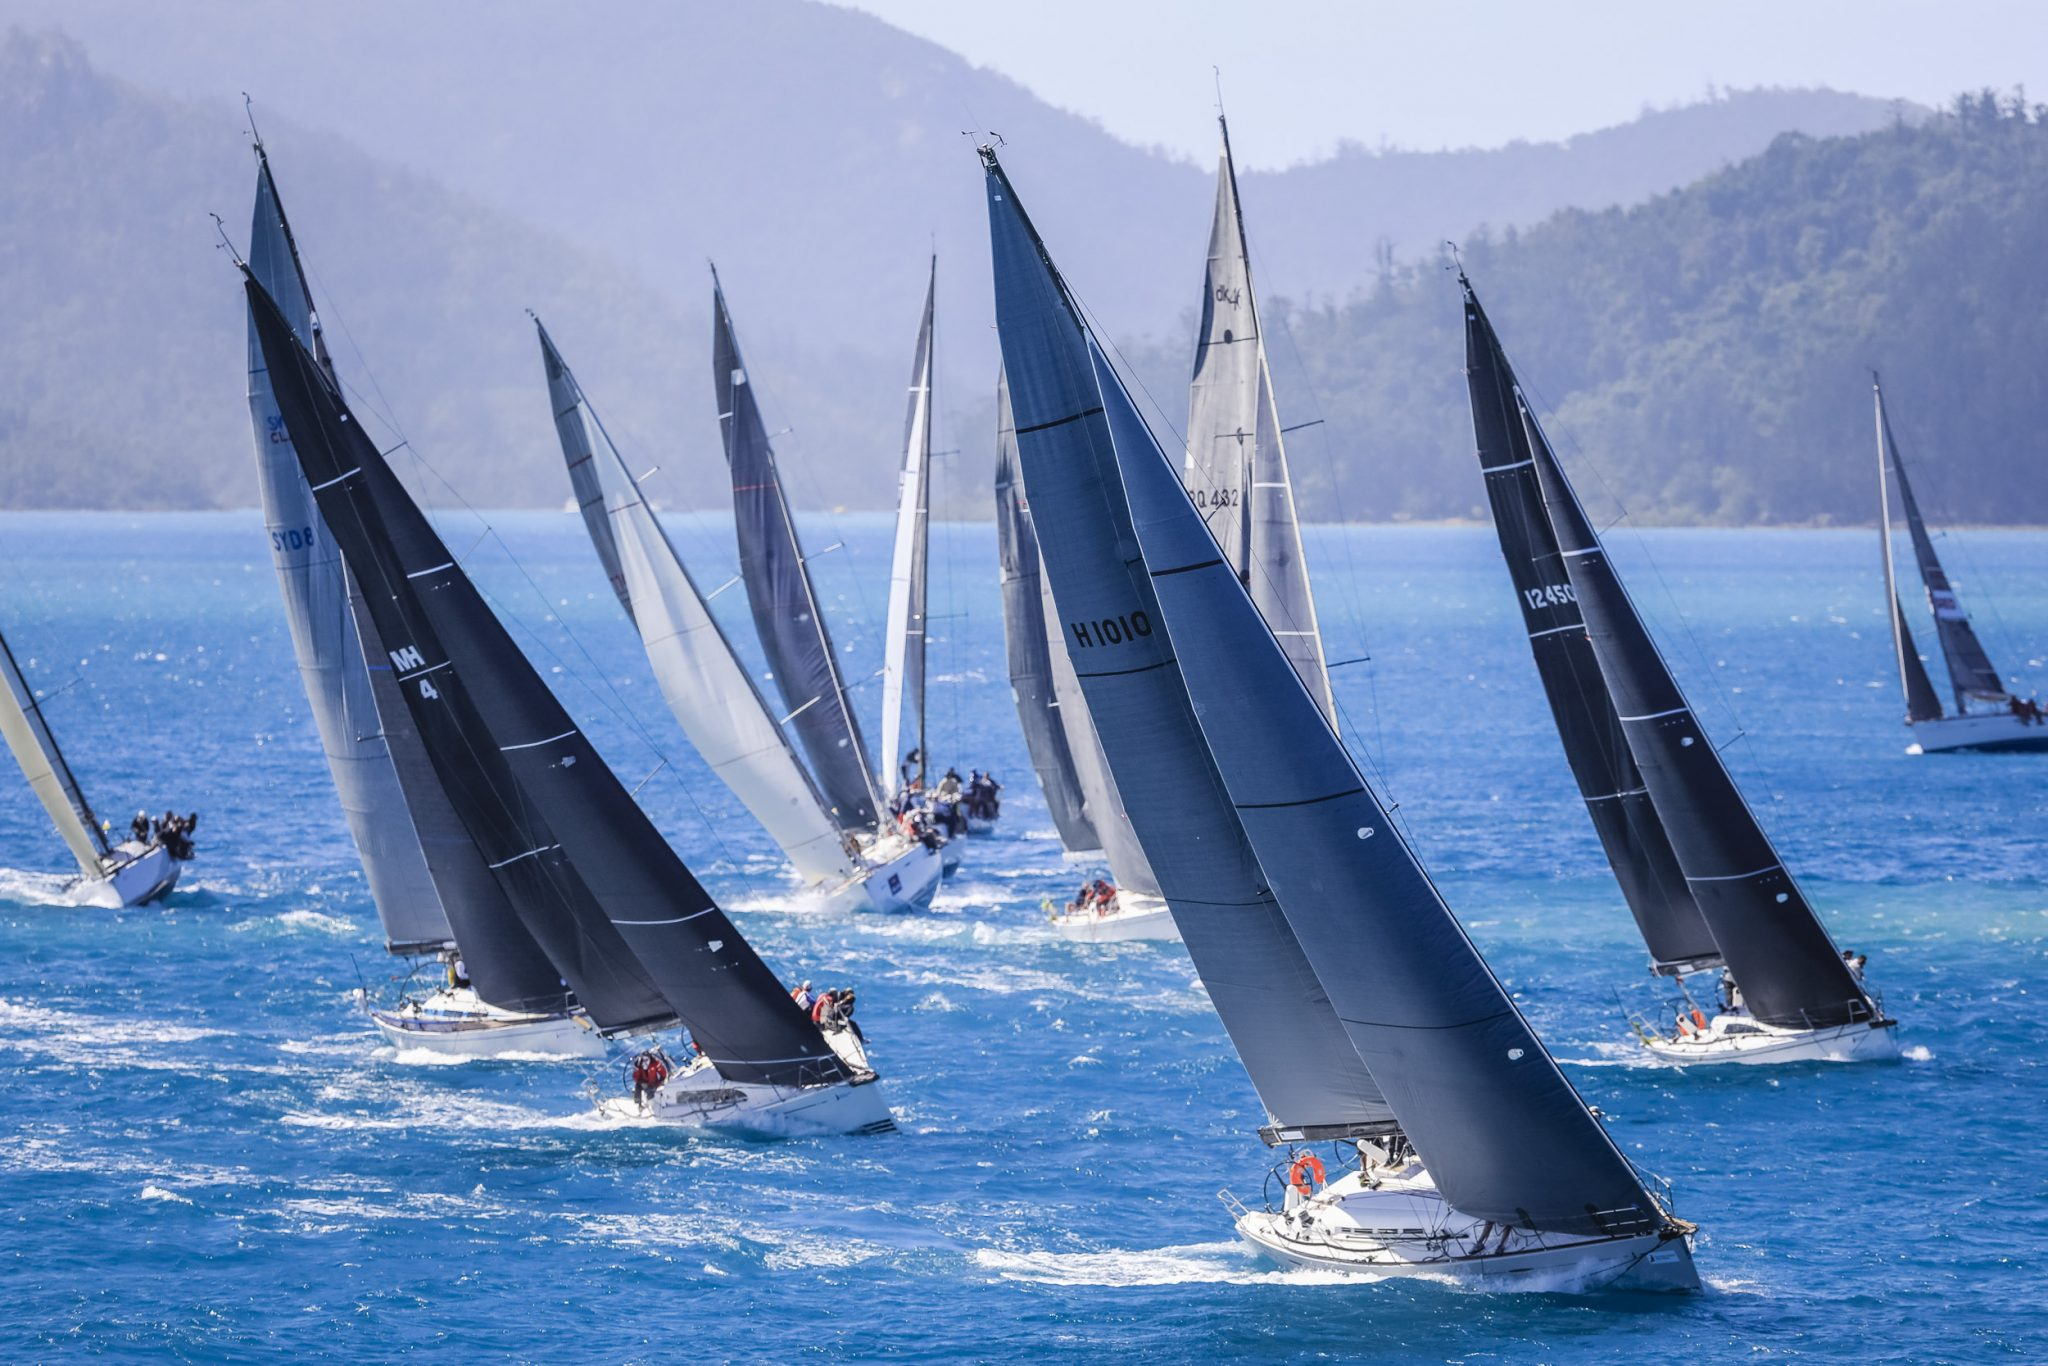 Hamilton Island Race Week punching upwind on day 3